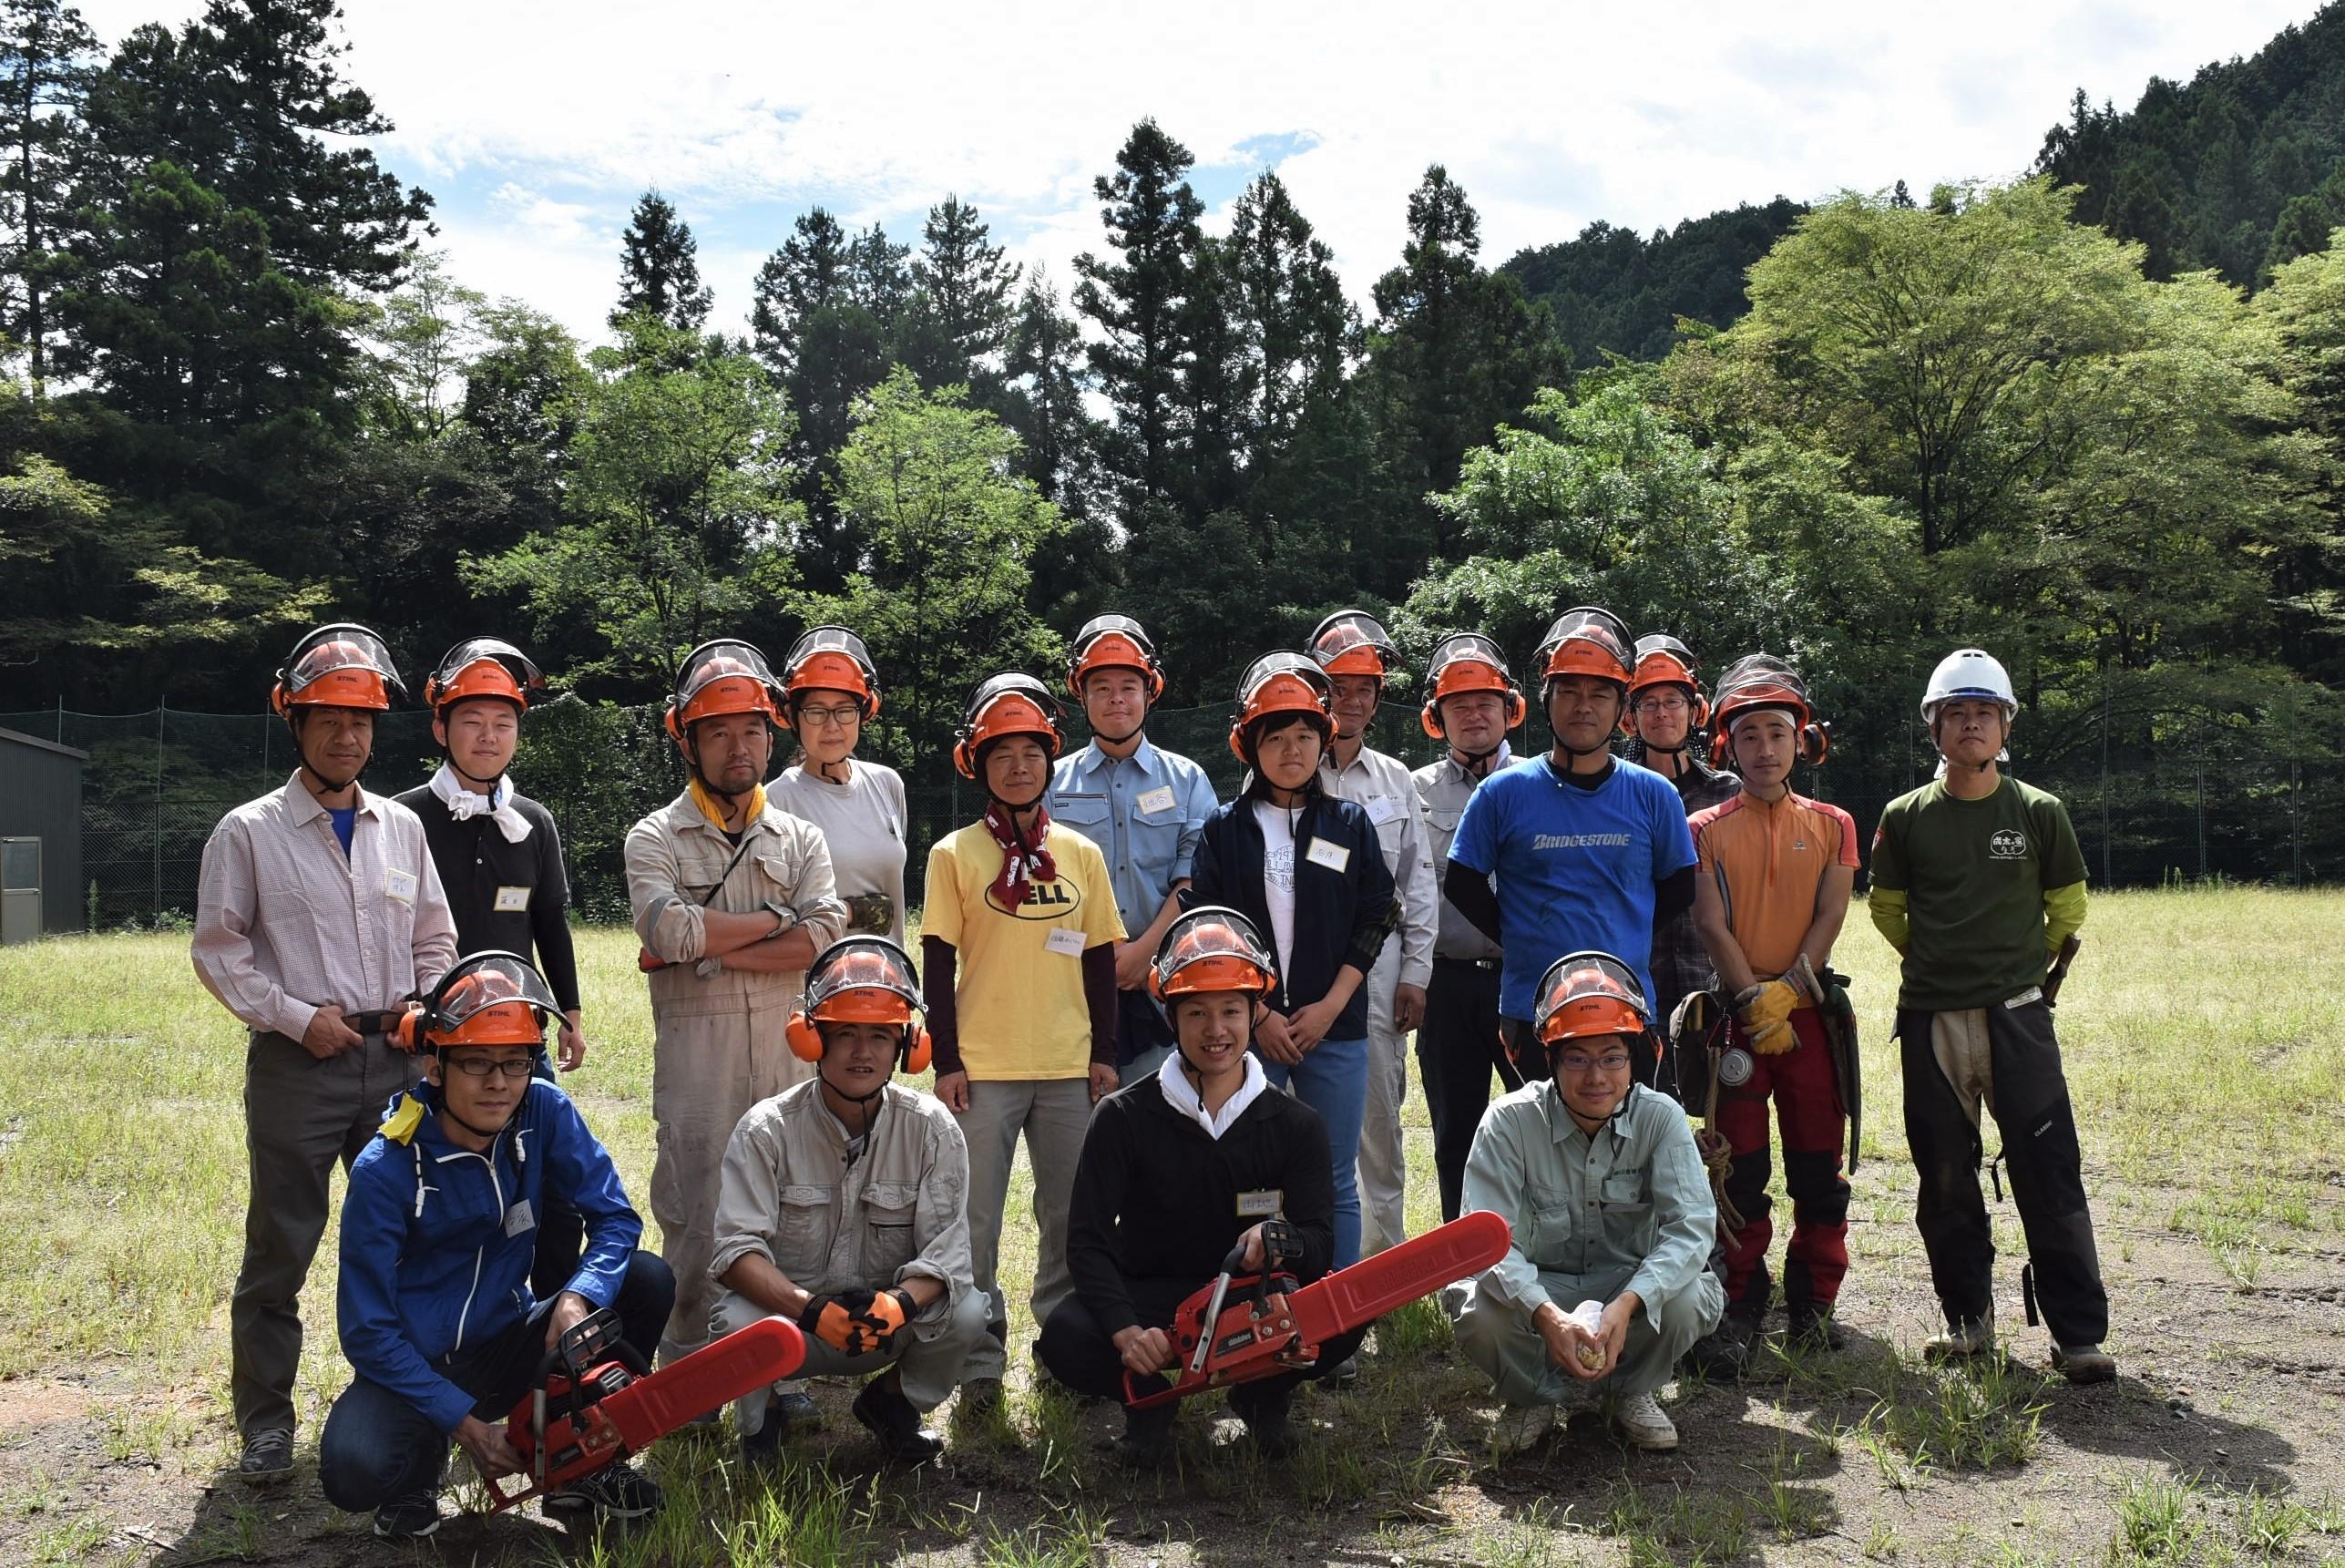 【自伐型林業を学ぼう!】6月25日(日)池袋にて自伐型林業フォーラムを開催。